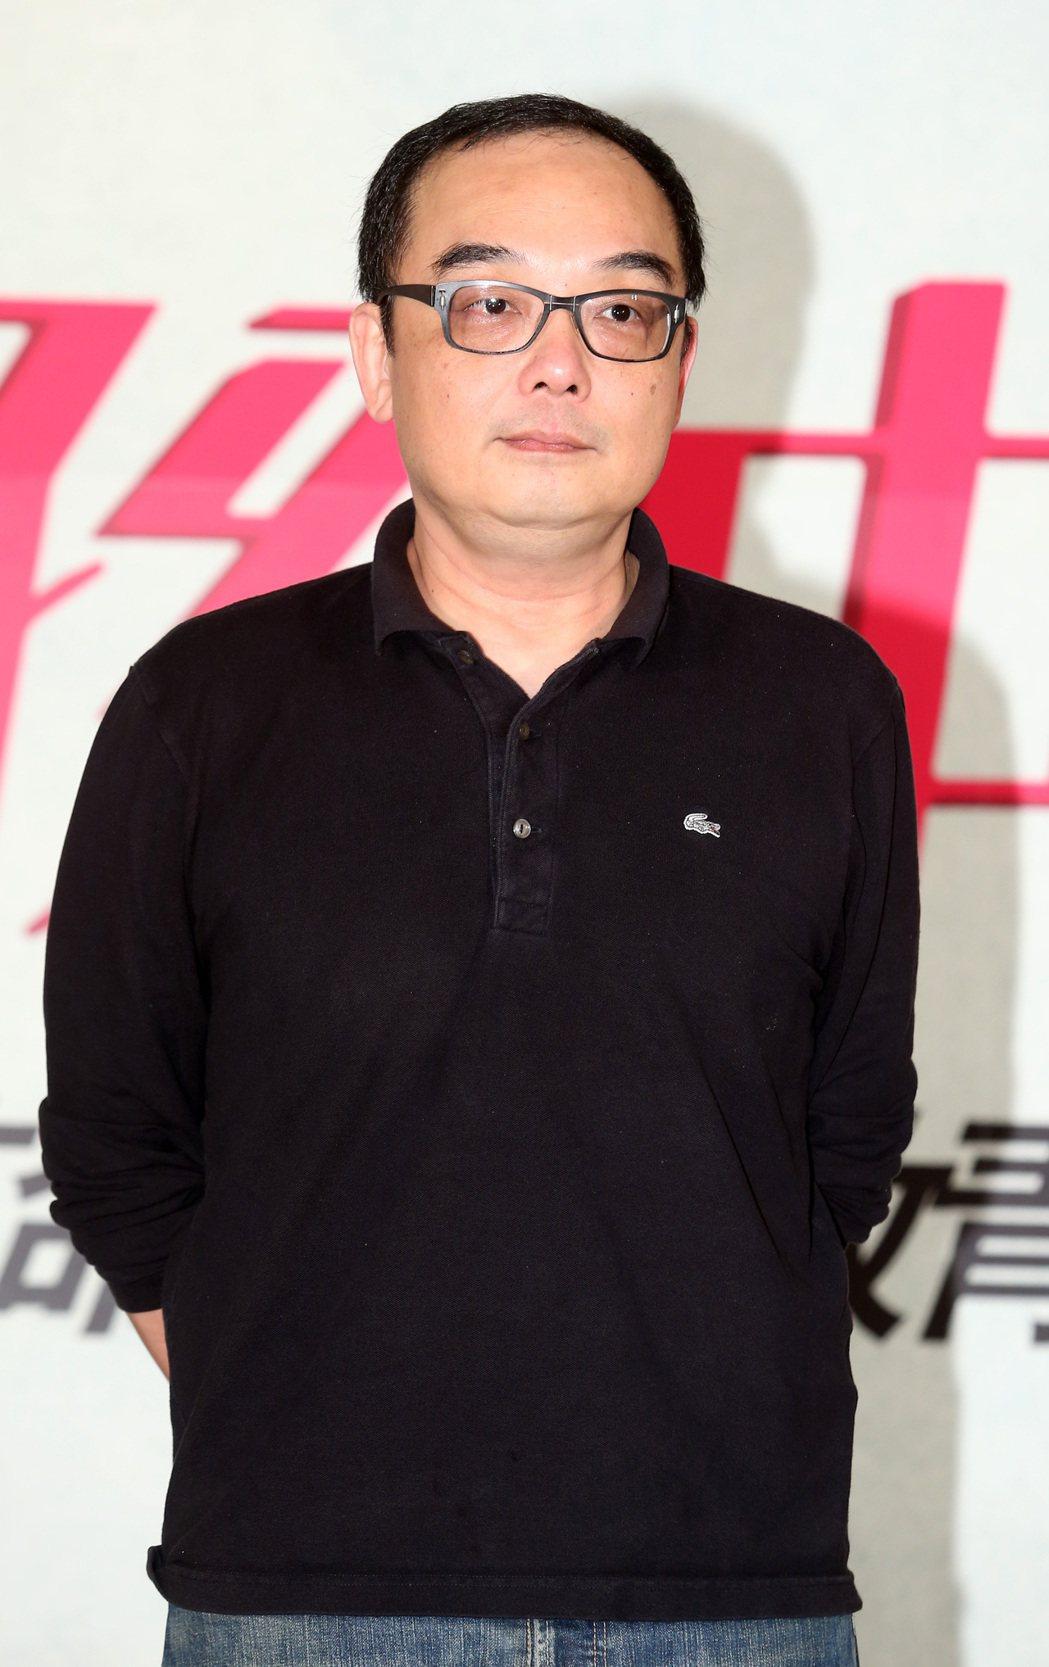 易智言在台灣是知名電影導演、編劇。 圖/聯合報系資料照